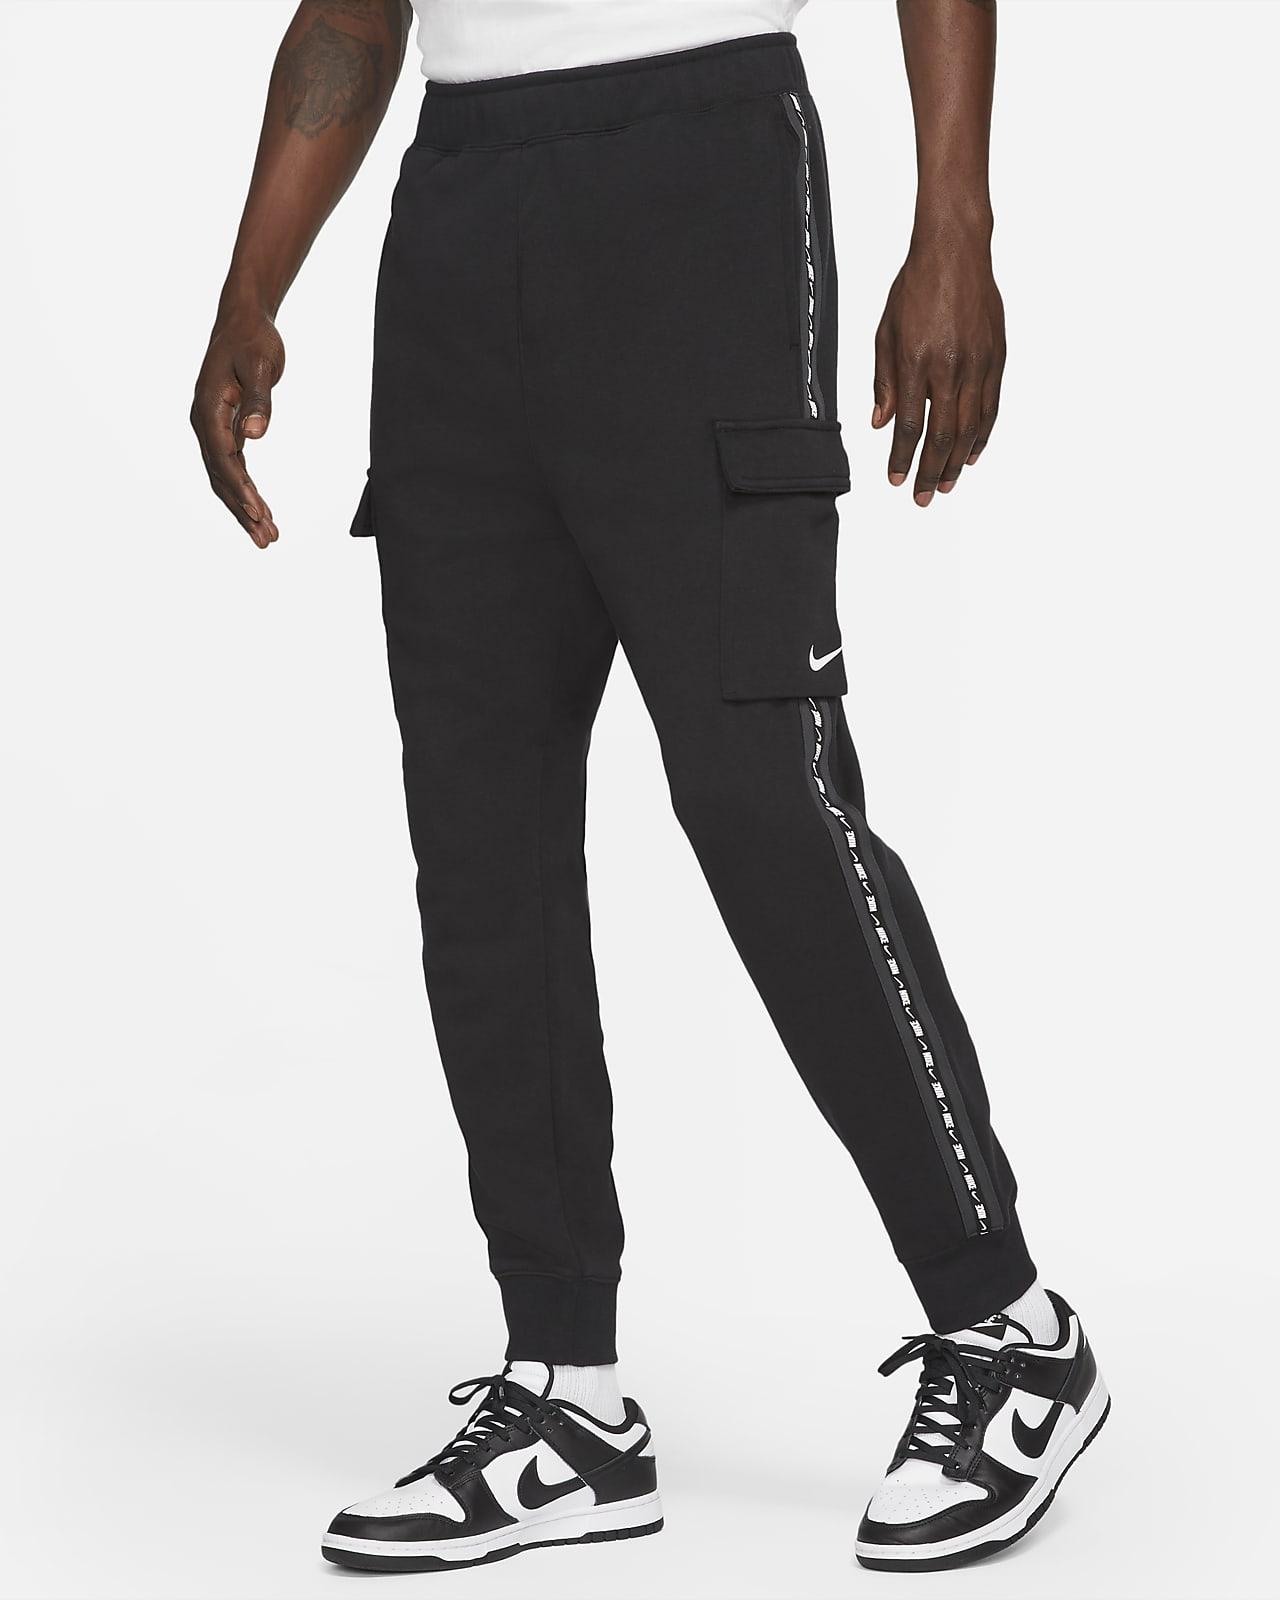 Pantalon cargo en tissu Fleece Nike Sportswear pour Homme. Nike LU